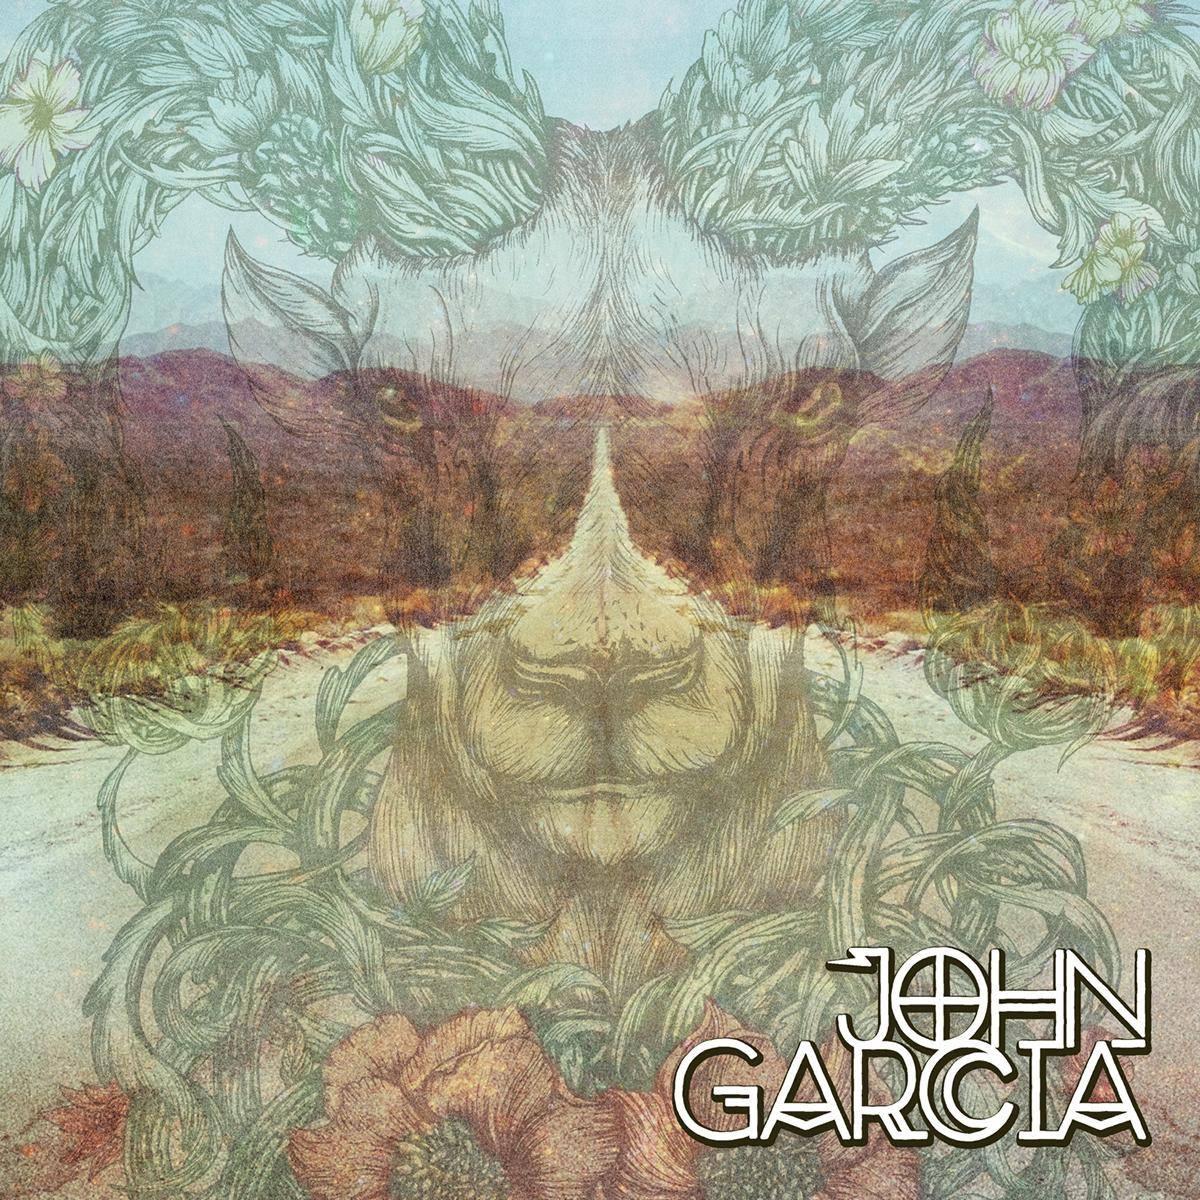 John Garcia – Self-Titled  (Album Review)